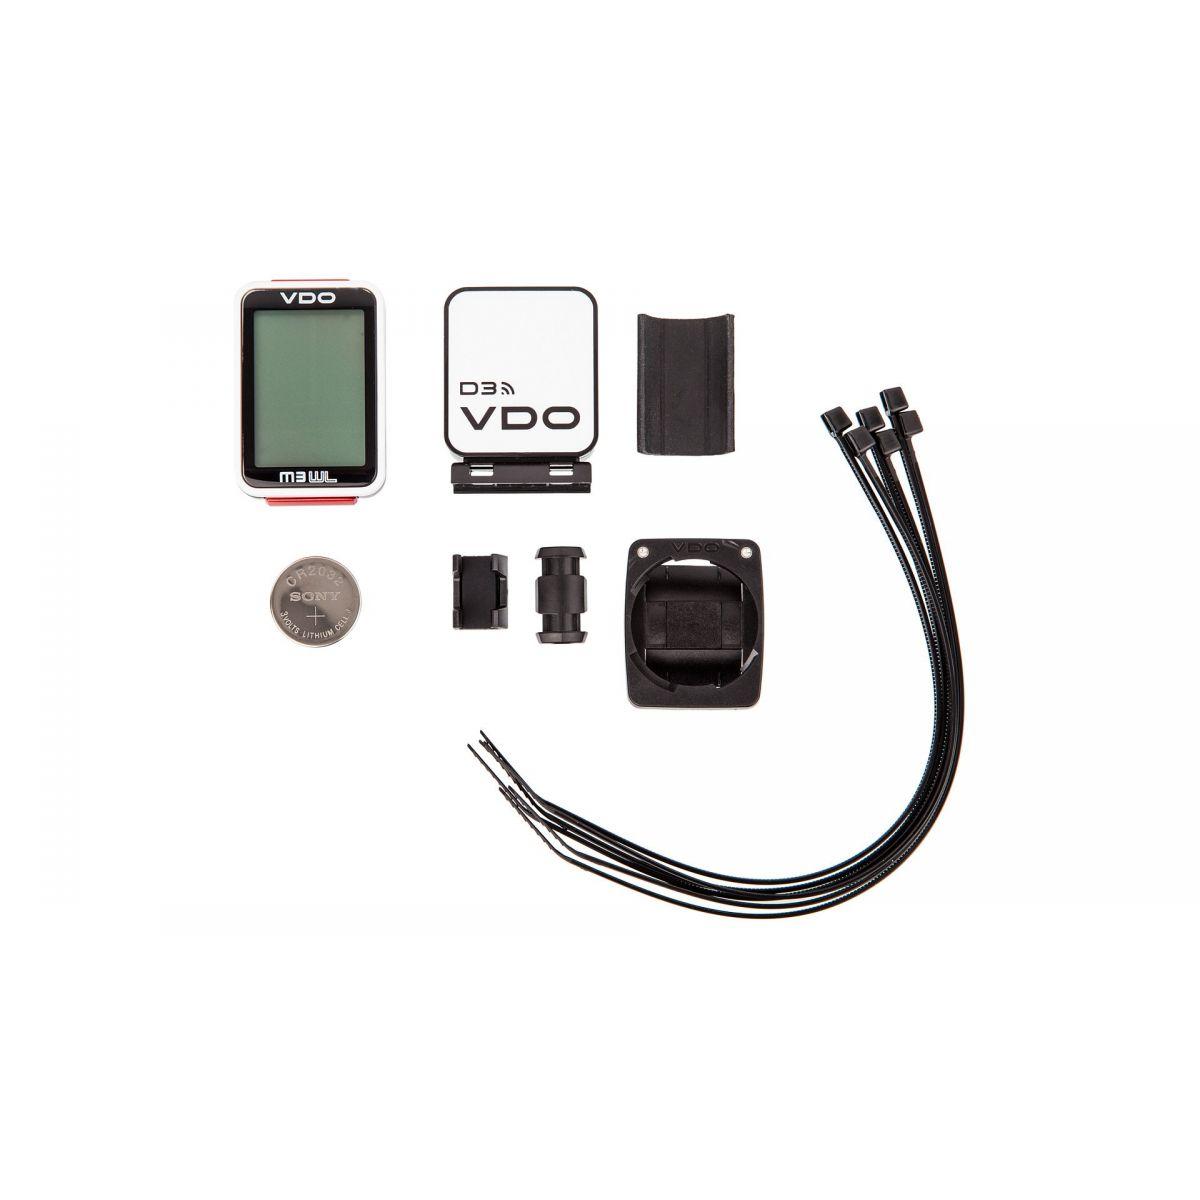 Ciclocomputador VDO M3 sem fio D3 transmissão digital de dados